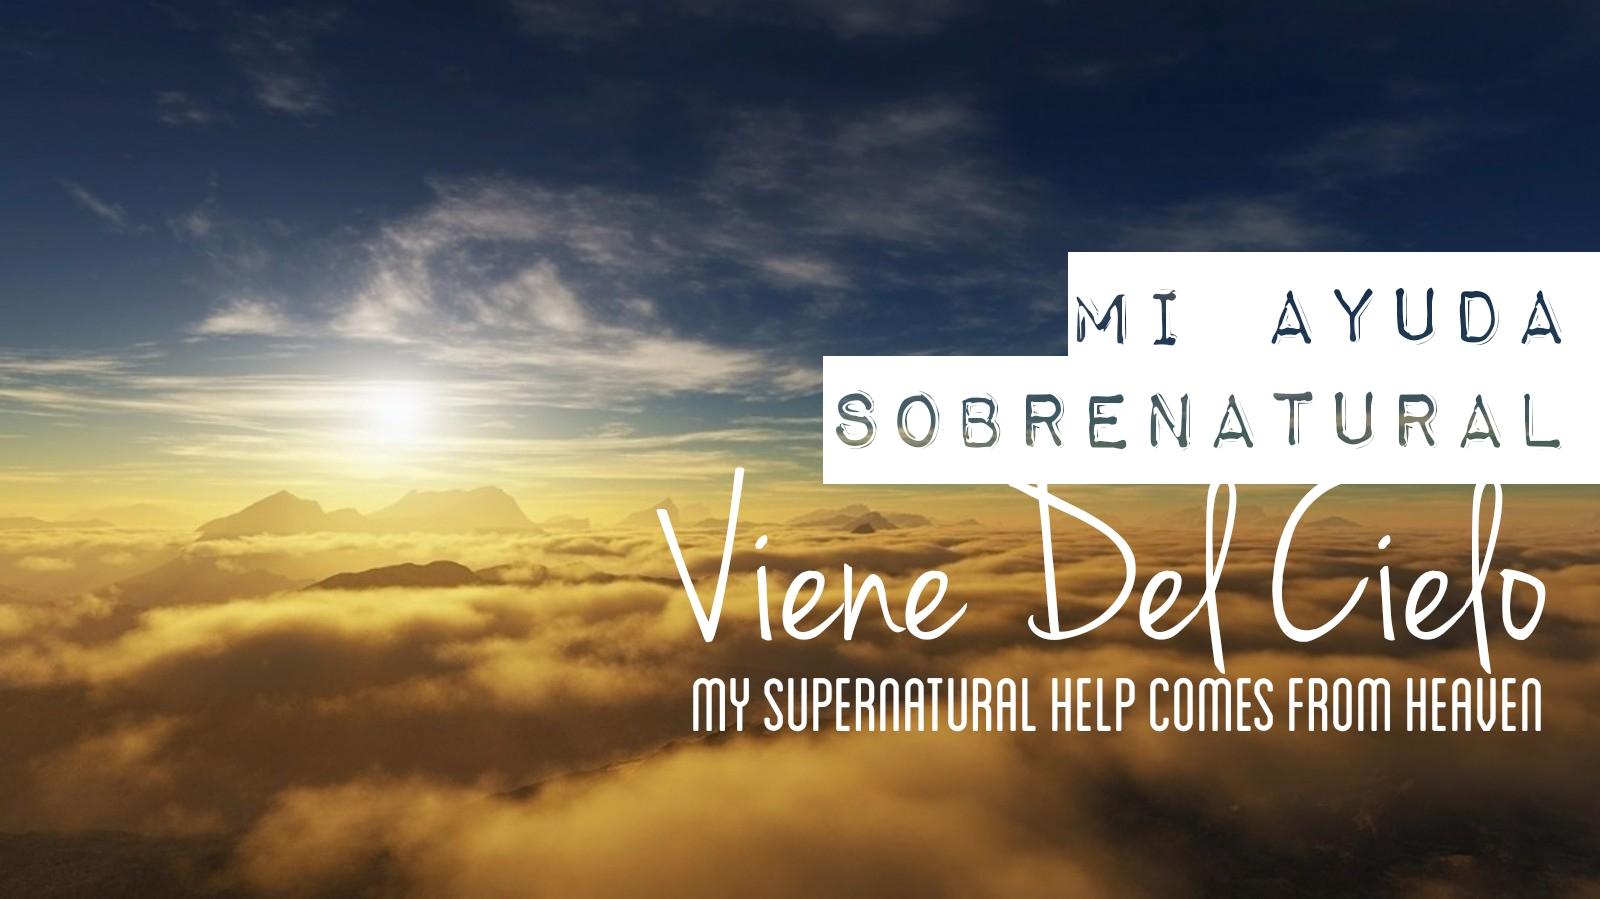 mi ayuda sobrenatural 05.15.19.jpg